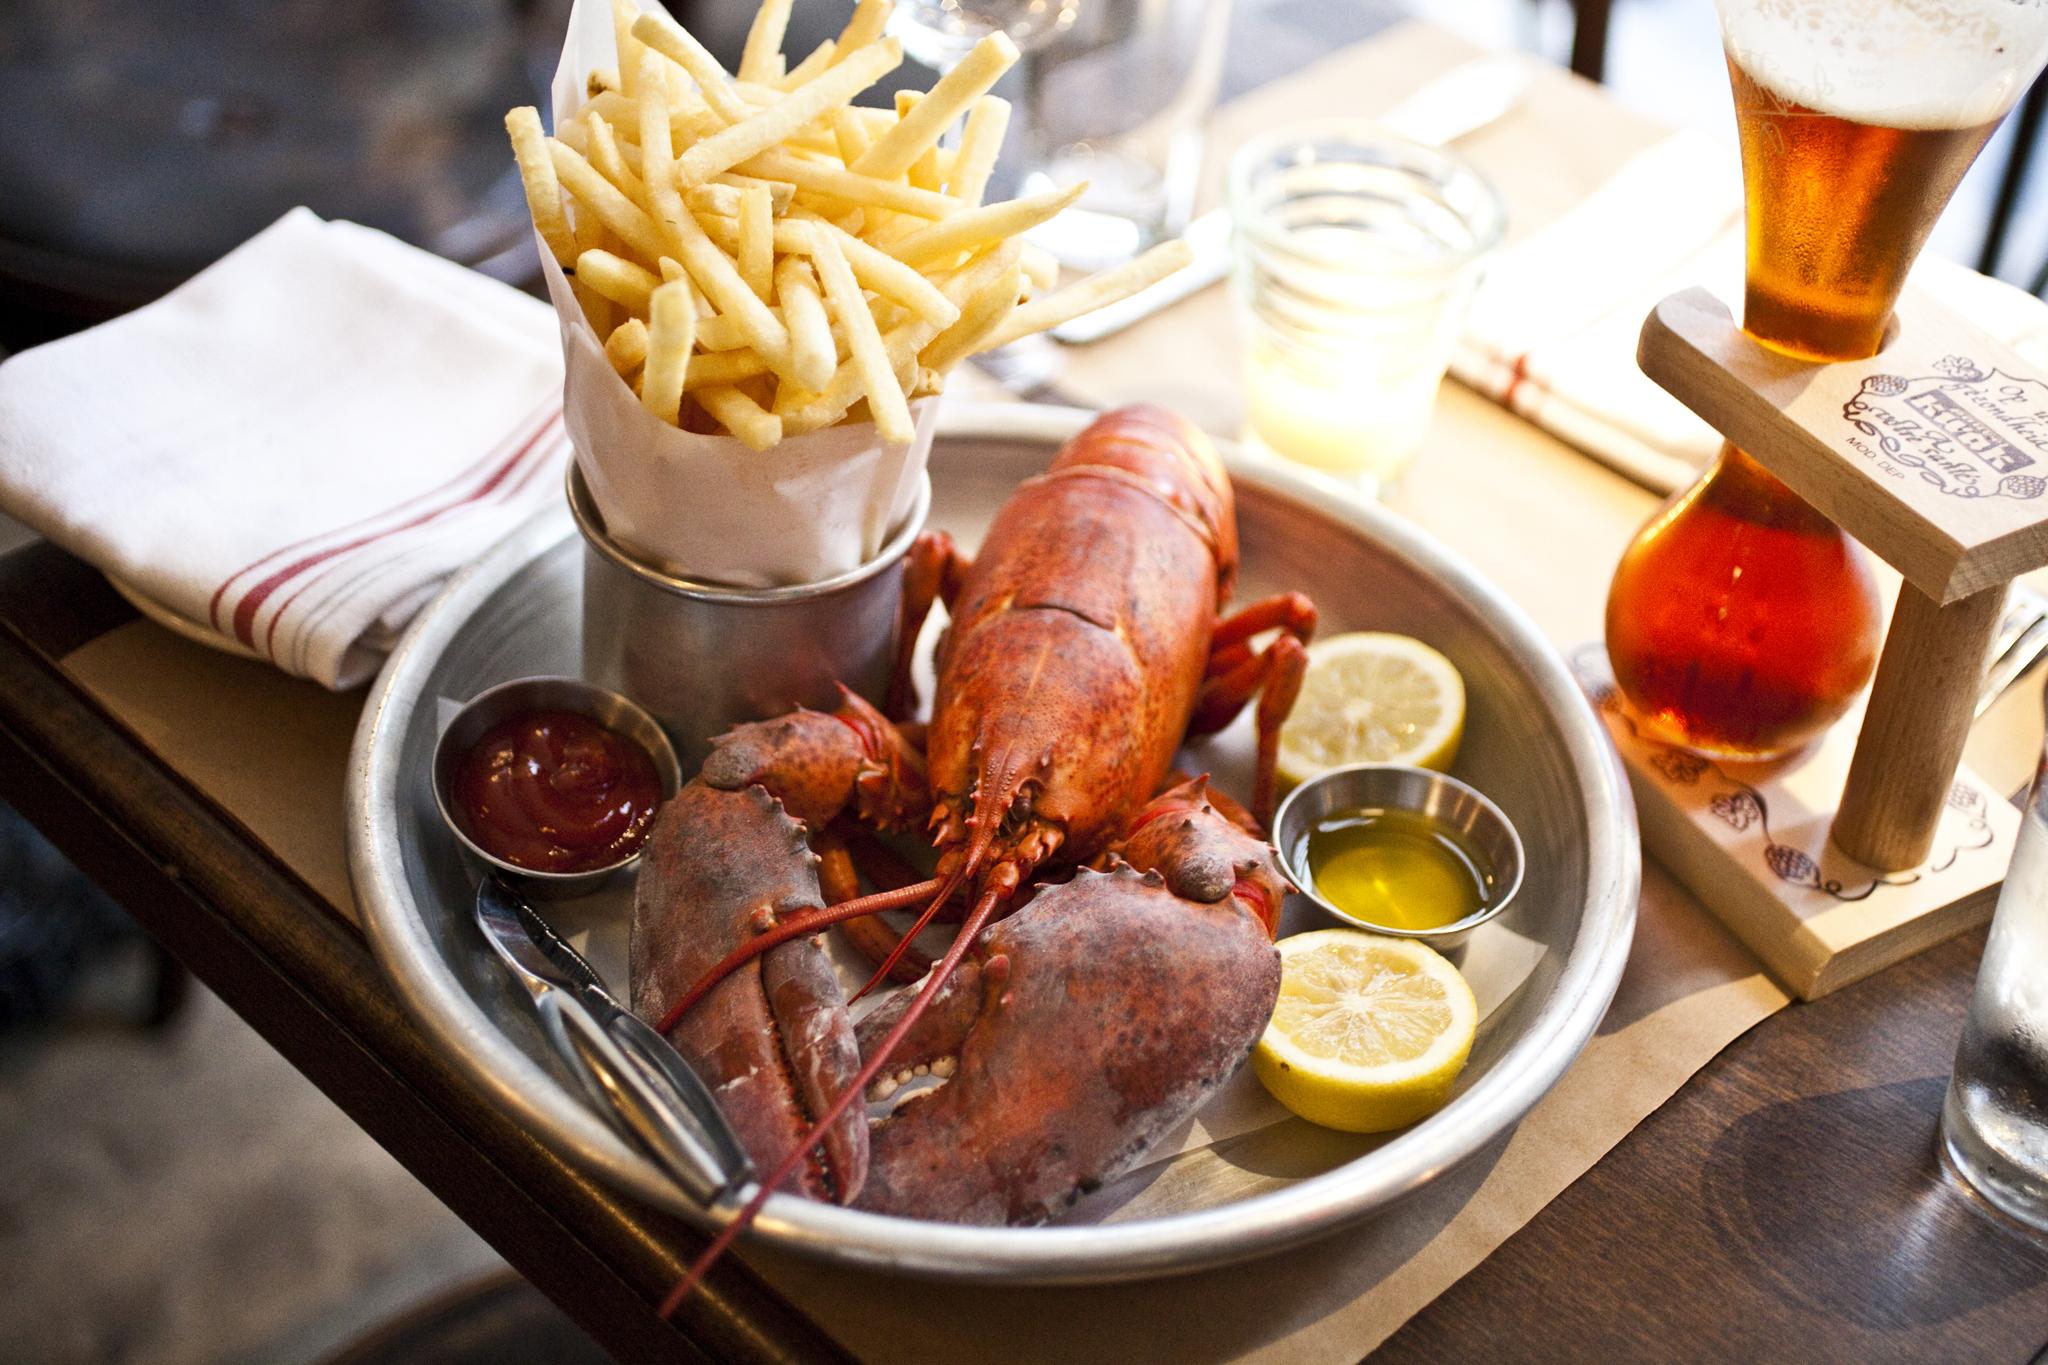 Steamed lobster at Ken & Cook